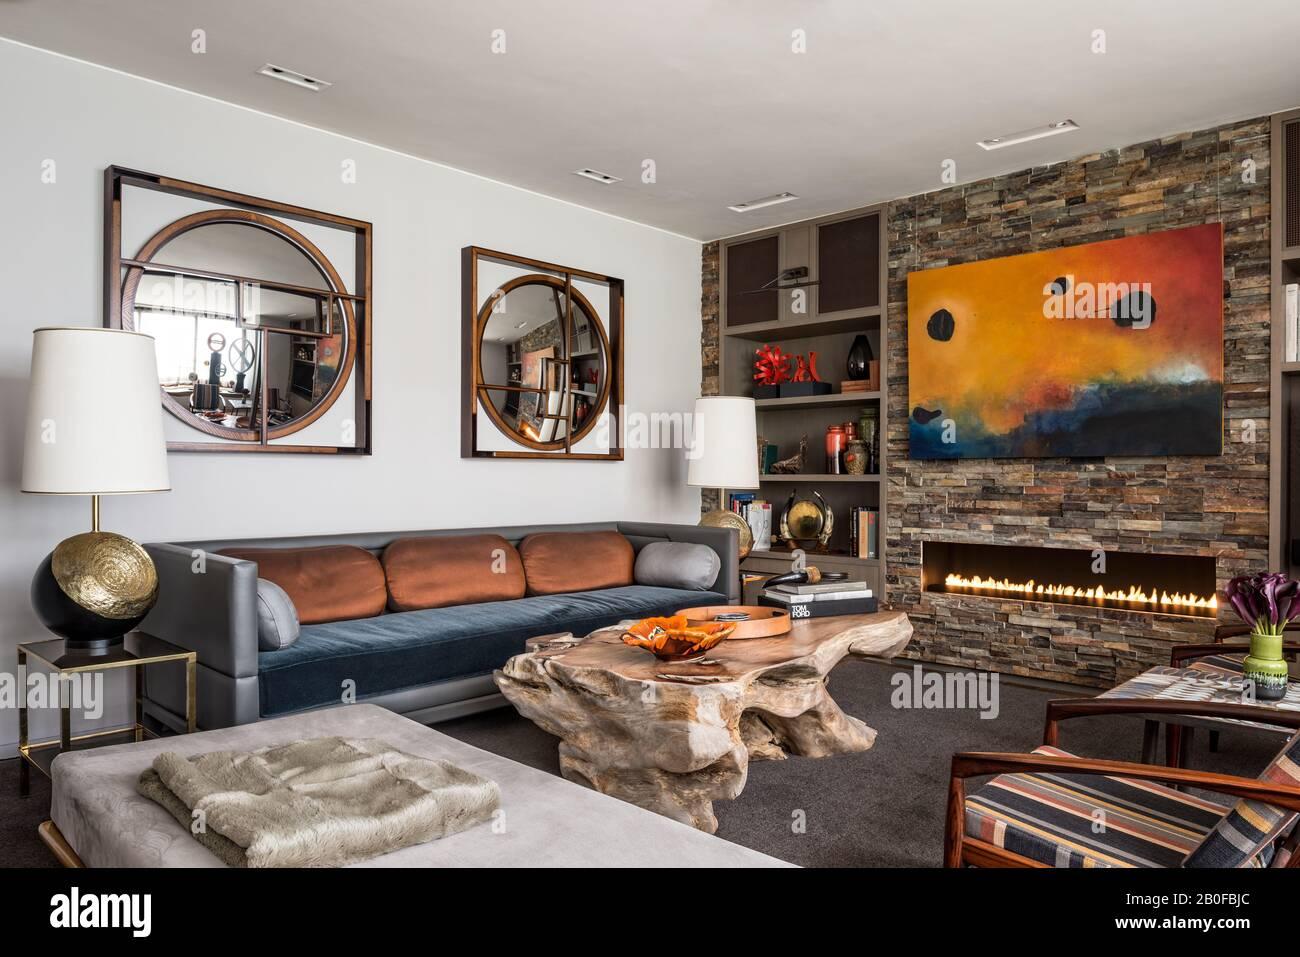 Schiefergefütterte Wand mit Kaffeetisch aus massivem Holz, antiken Lampen und Spiegeln von Holly Hunt. Stockfoto